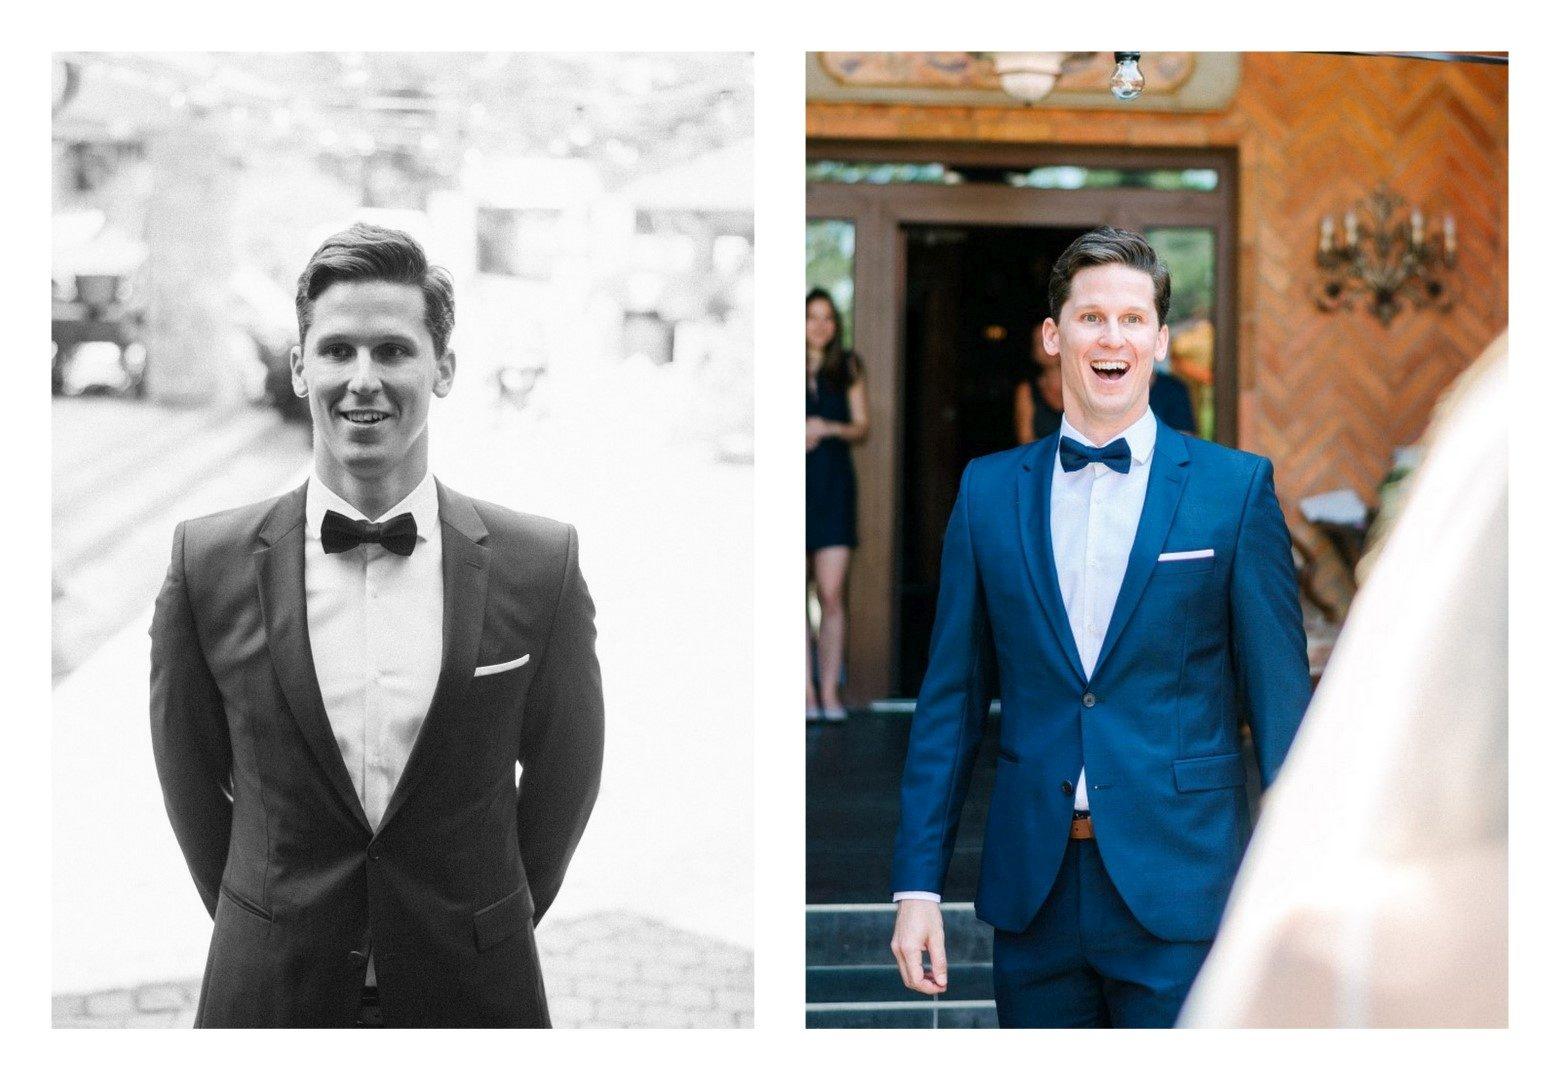 Szandi és Gergő esküvője a vőlegény szemével, Fotók: Beloved